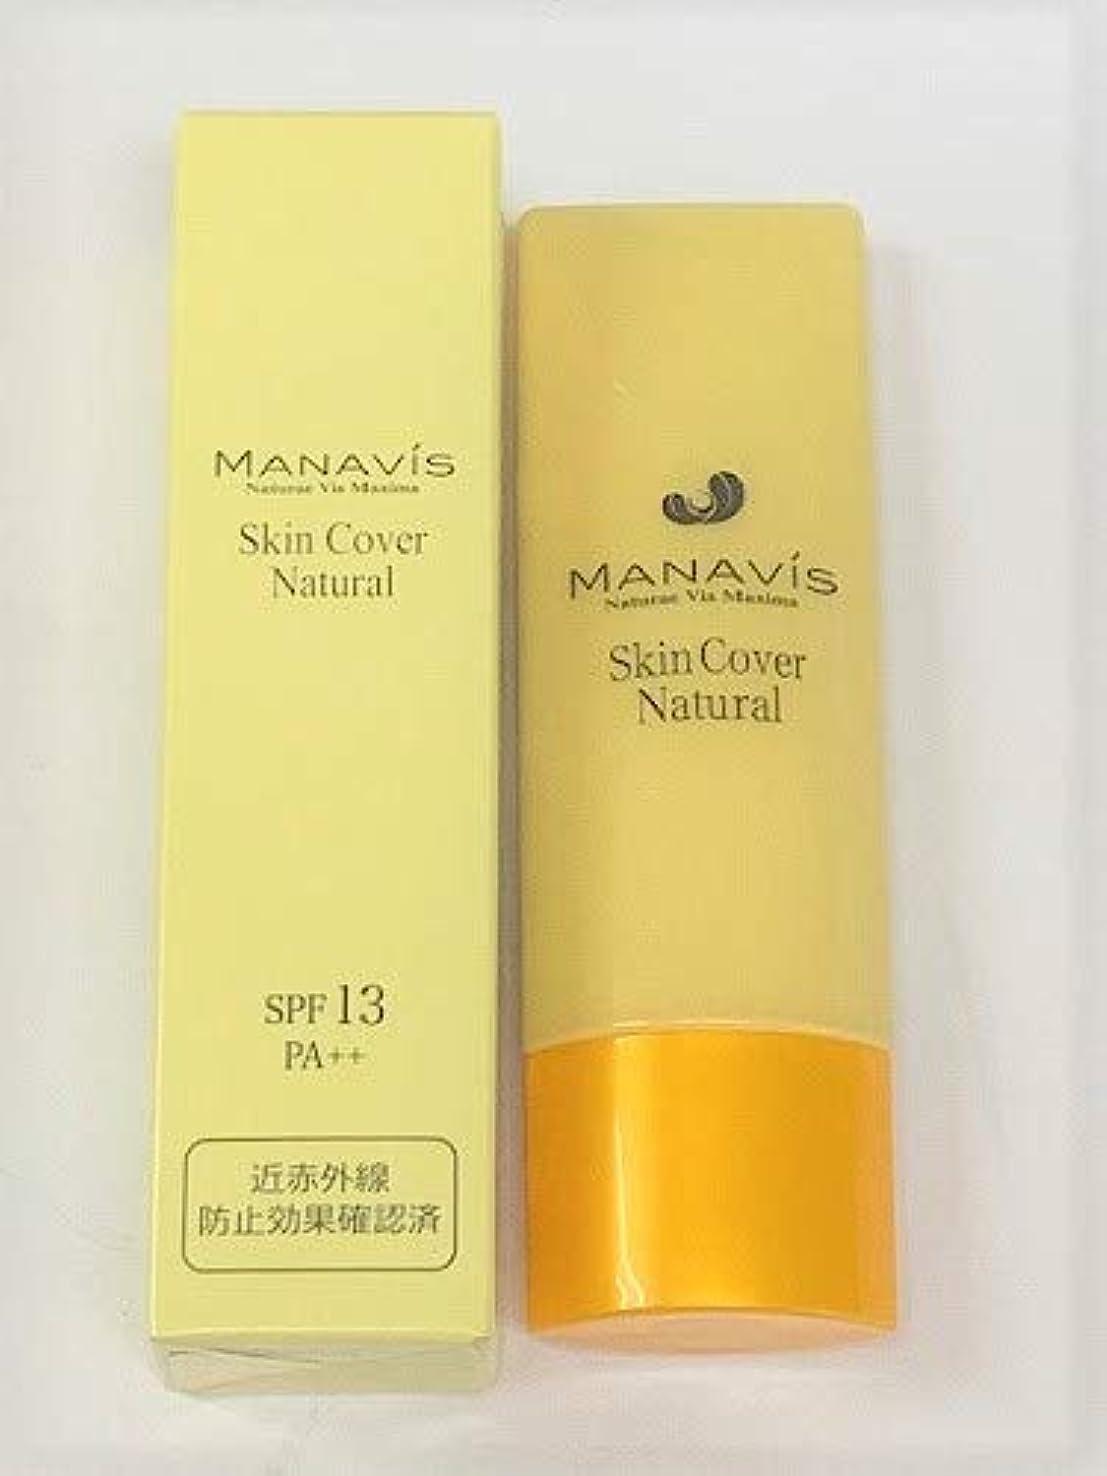 構想する人里離れた抑圧者MANAVIS マナビス化粧品 スキンカバー ナチュラル (日中用化粧液) SPF13 PA++ 30g 172